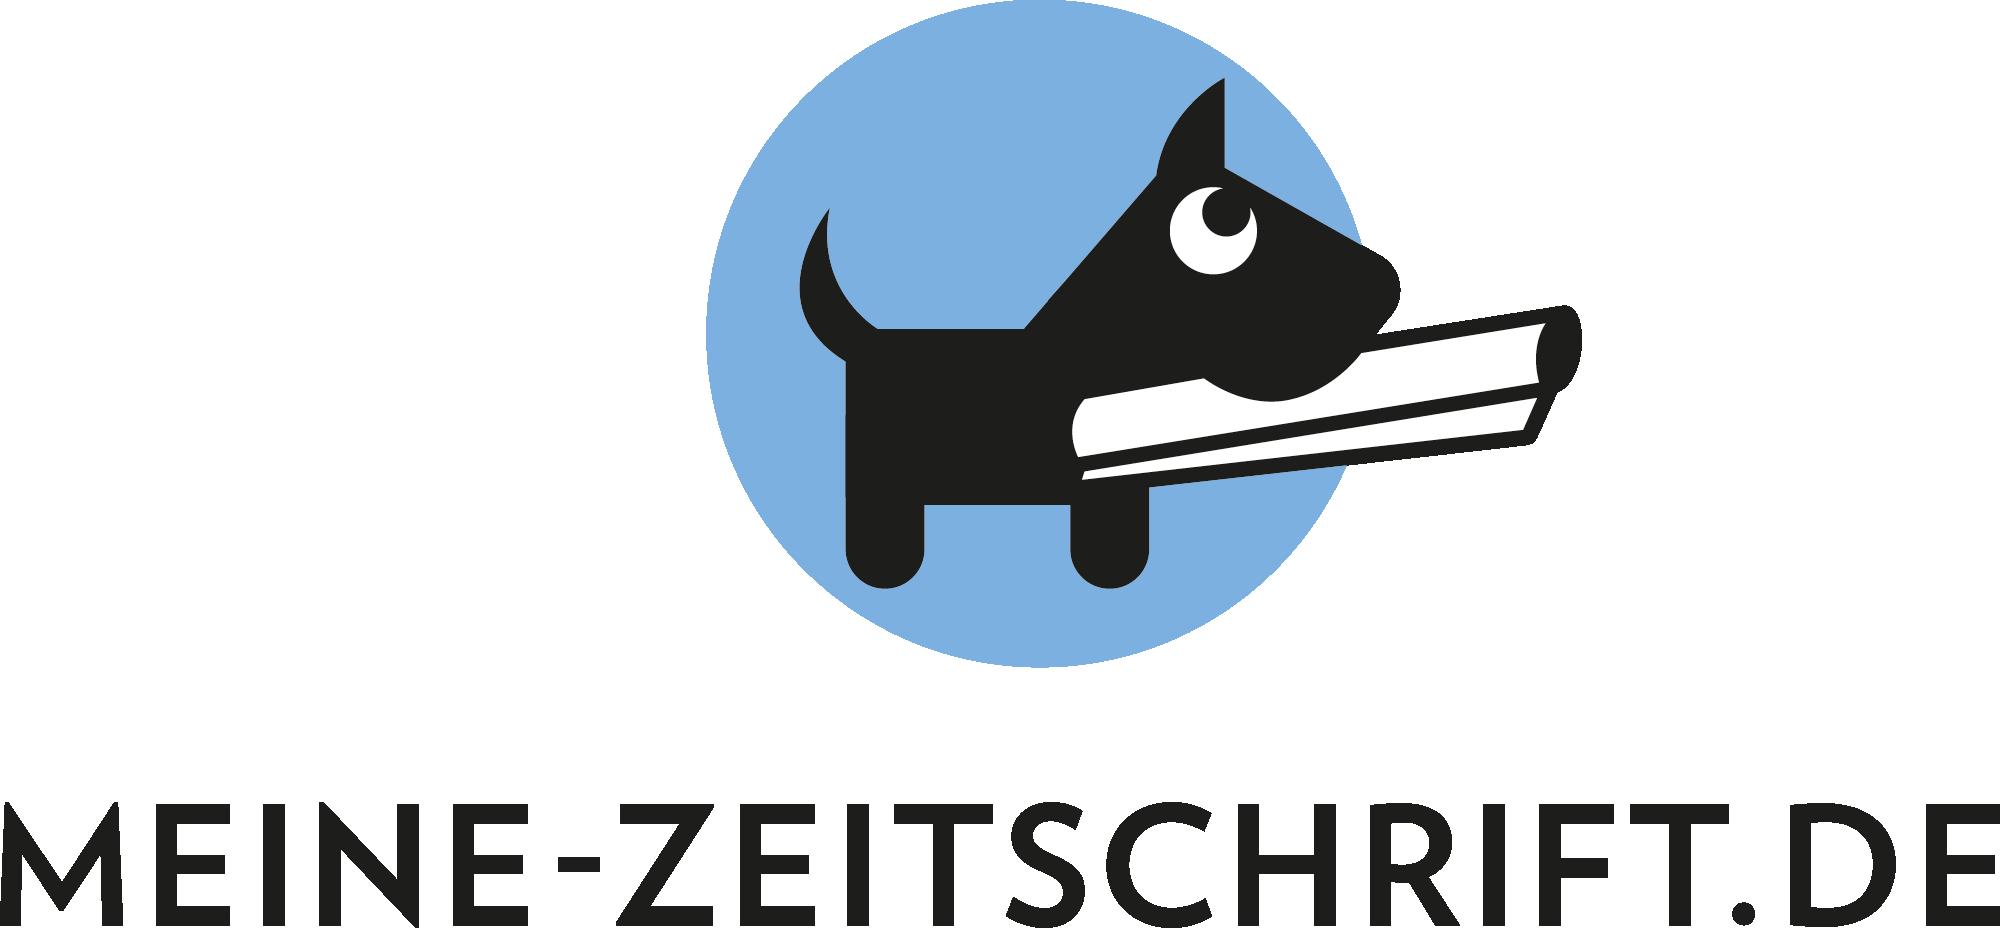 Meine-Zeitschrift Logo